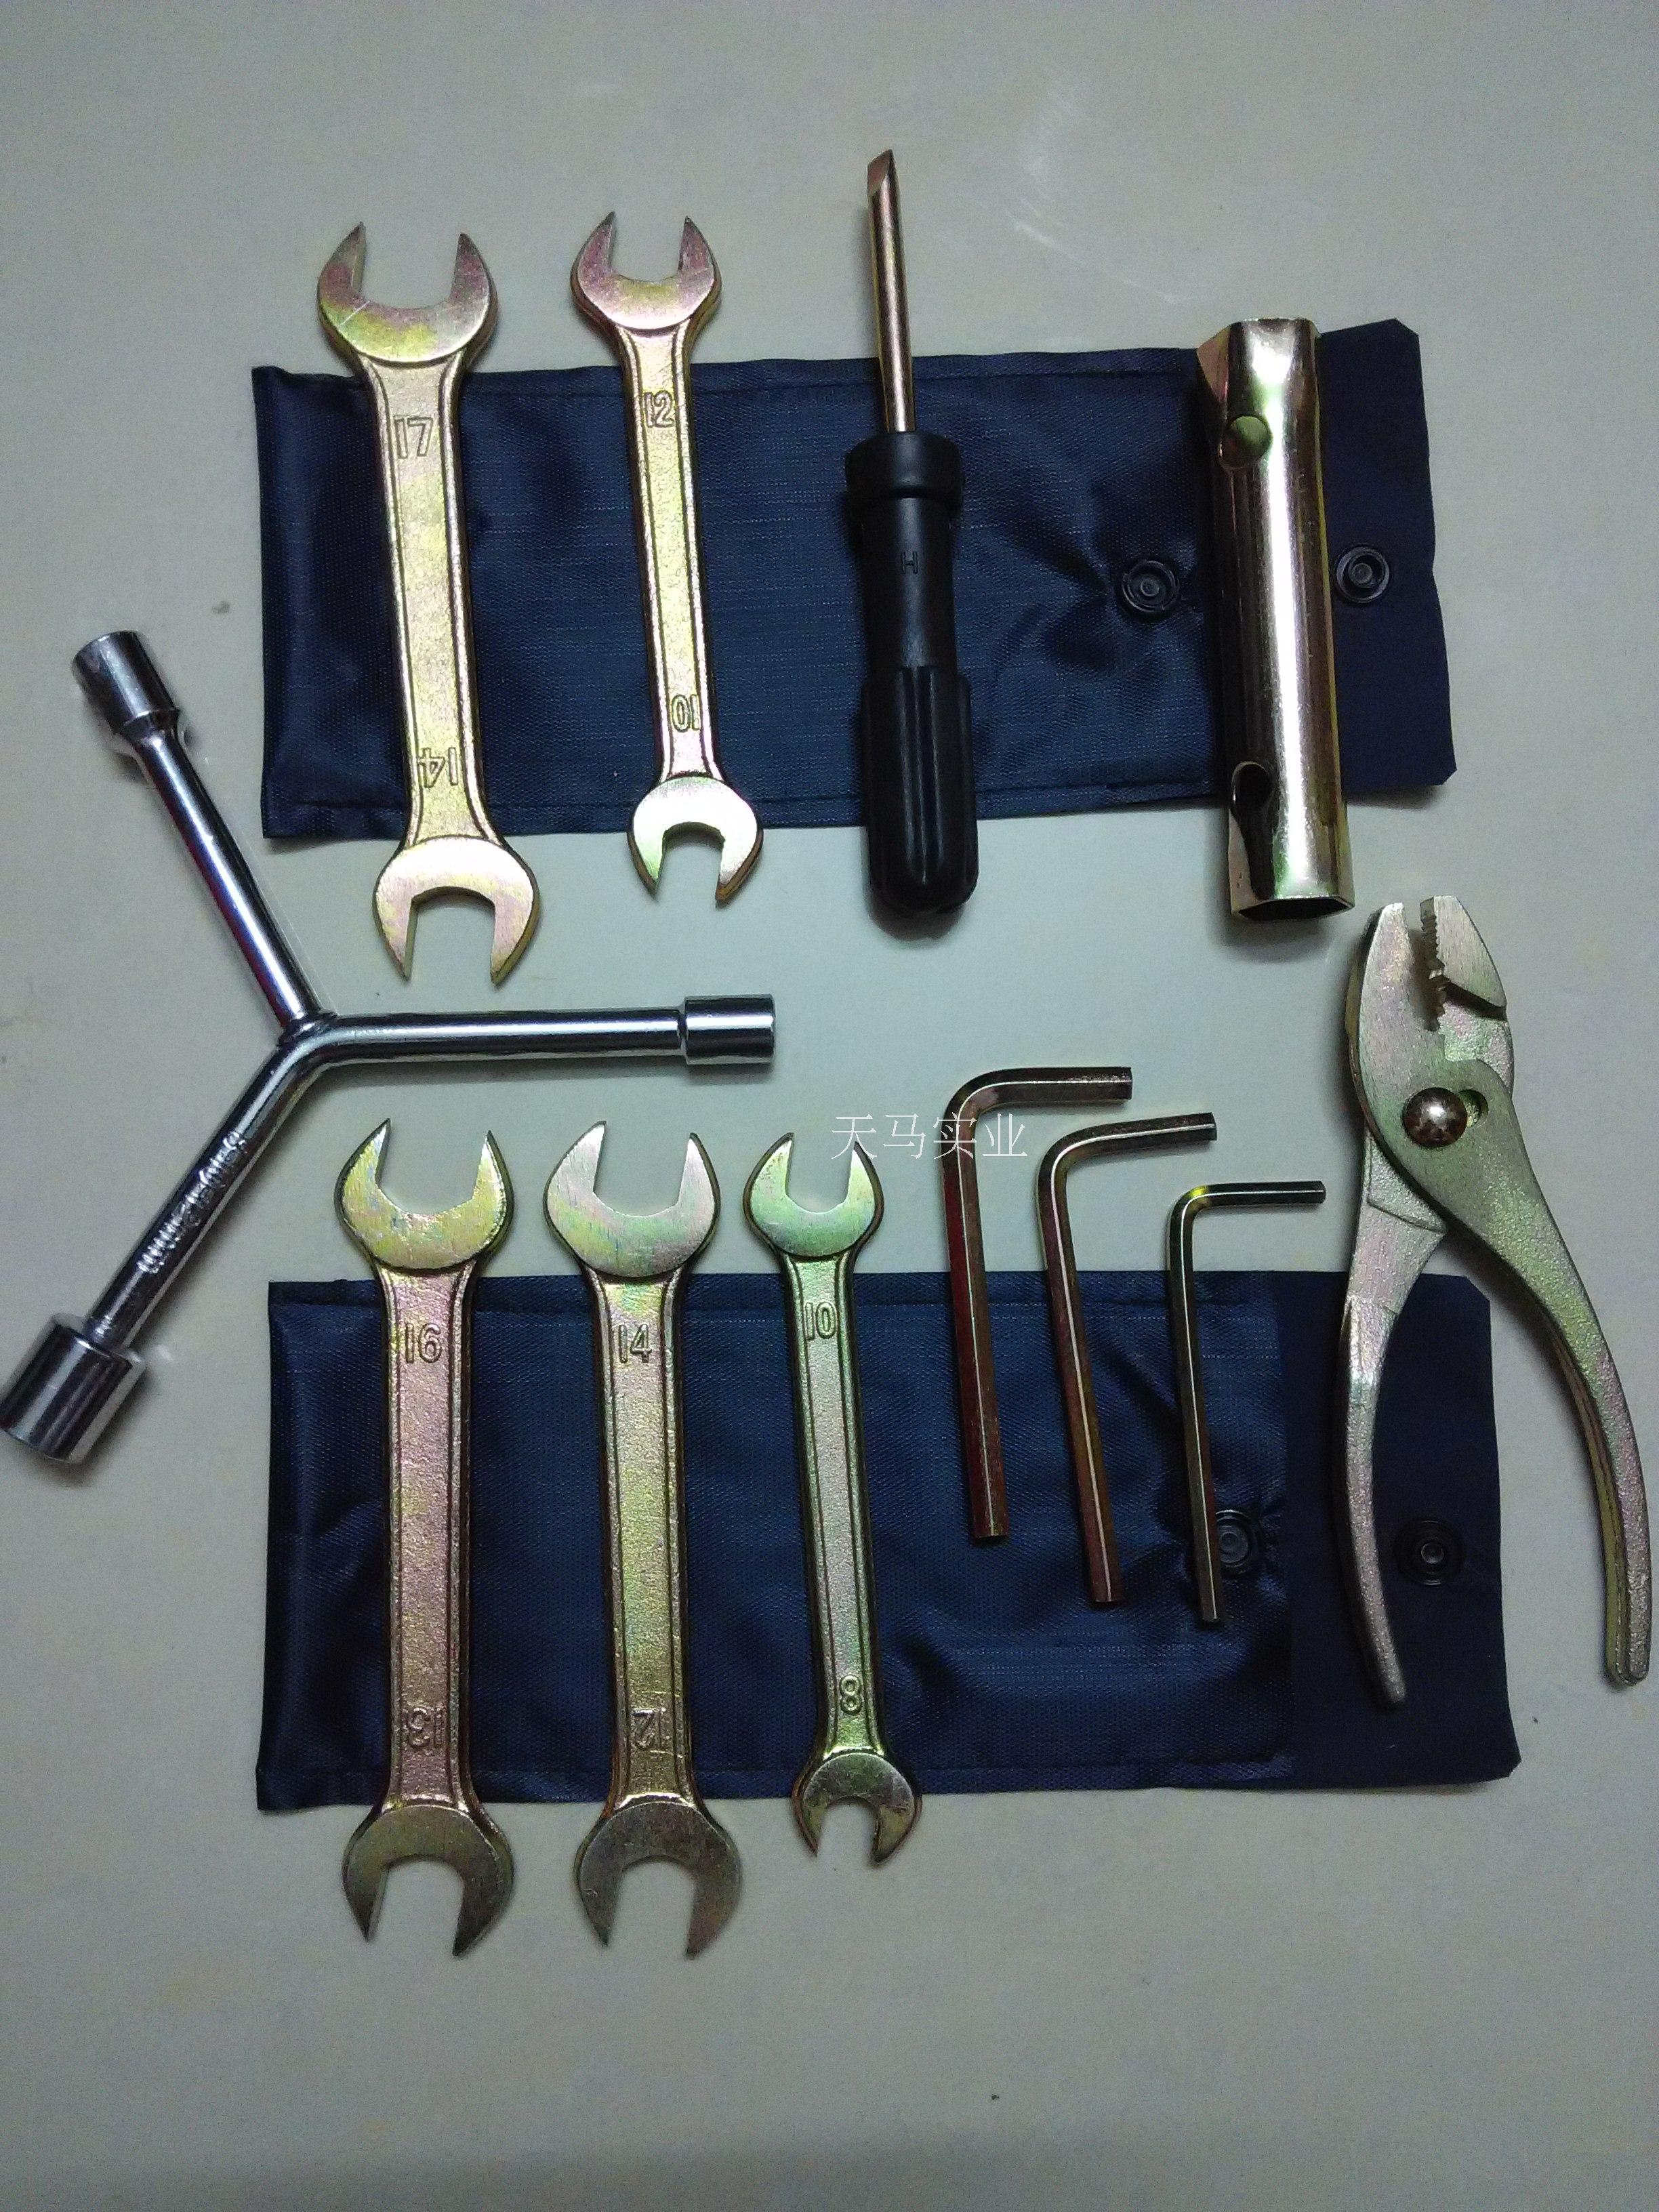 Инструменты для ремонта велосипеда / Термоплавкий клей Артикул 42268028185